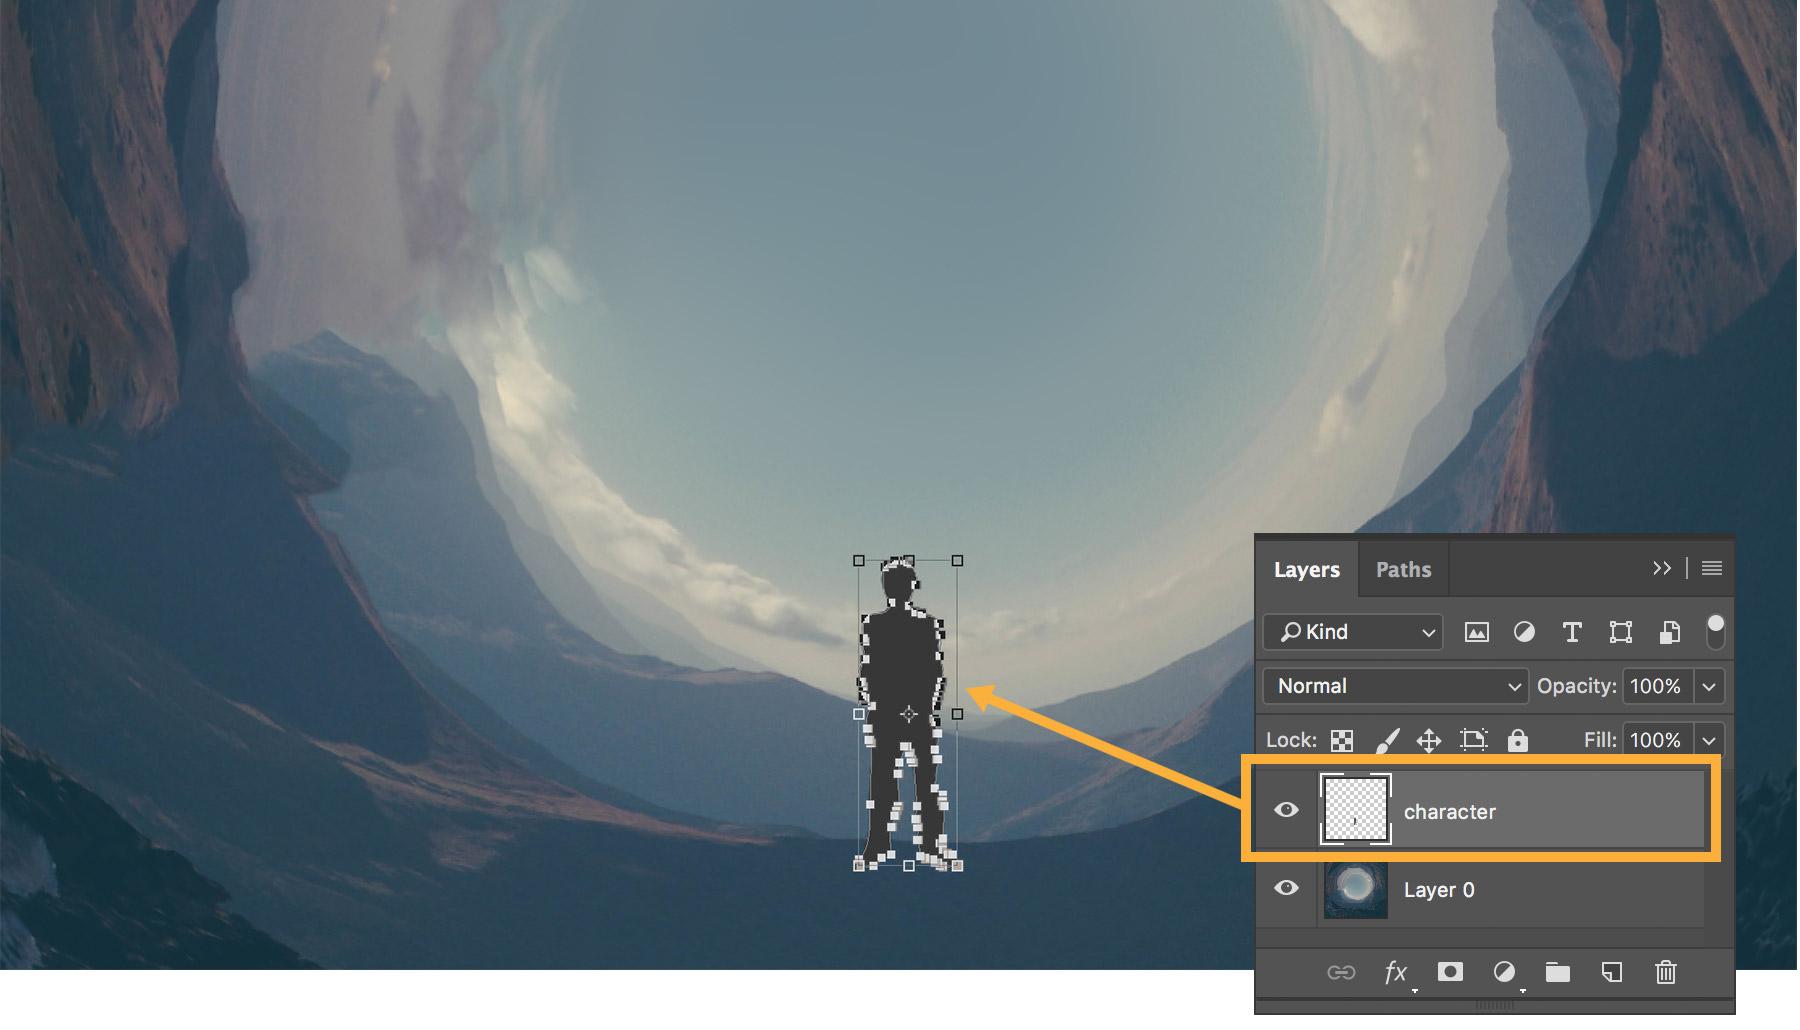 """Cách sử dụng Photoshop để tạo hình ảnh """"Round Thing"""" Cách sử dụng Photoshop để tạo hình ảnh """"Round Thing"""""""